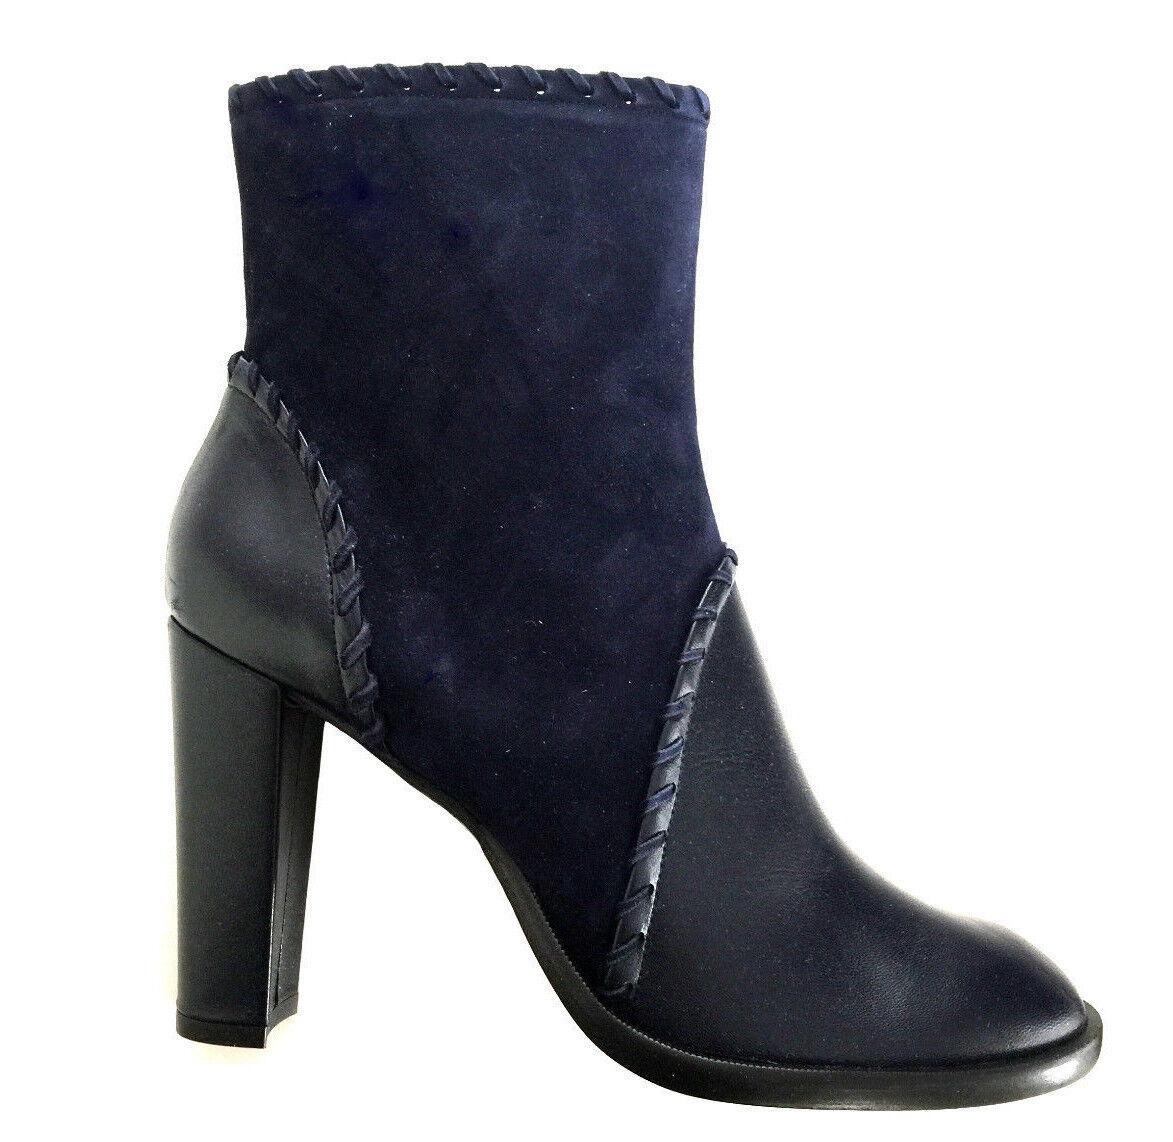 NEU Damenmode Damen Schuhe v.Carrierre Stiefeletten dunkelblau  Gr.40 v.Carrierre Schuhe Design 51f113